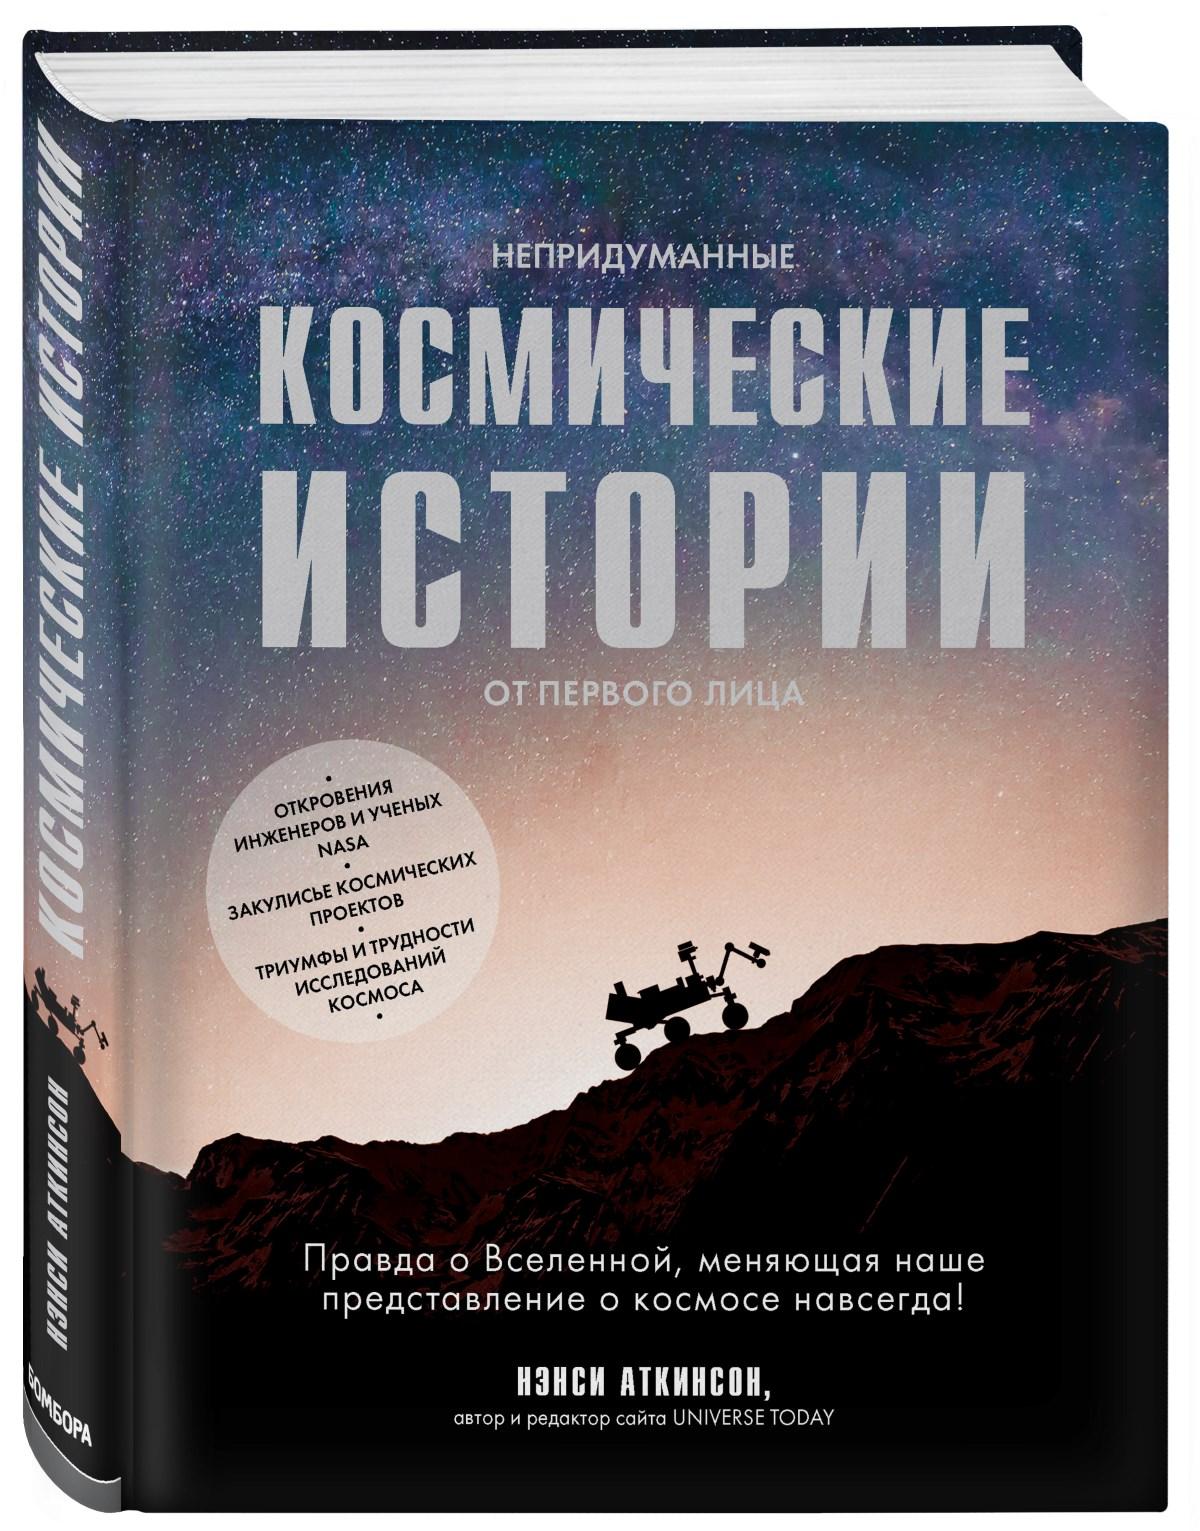 Непридуманные космические истории от первого лица